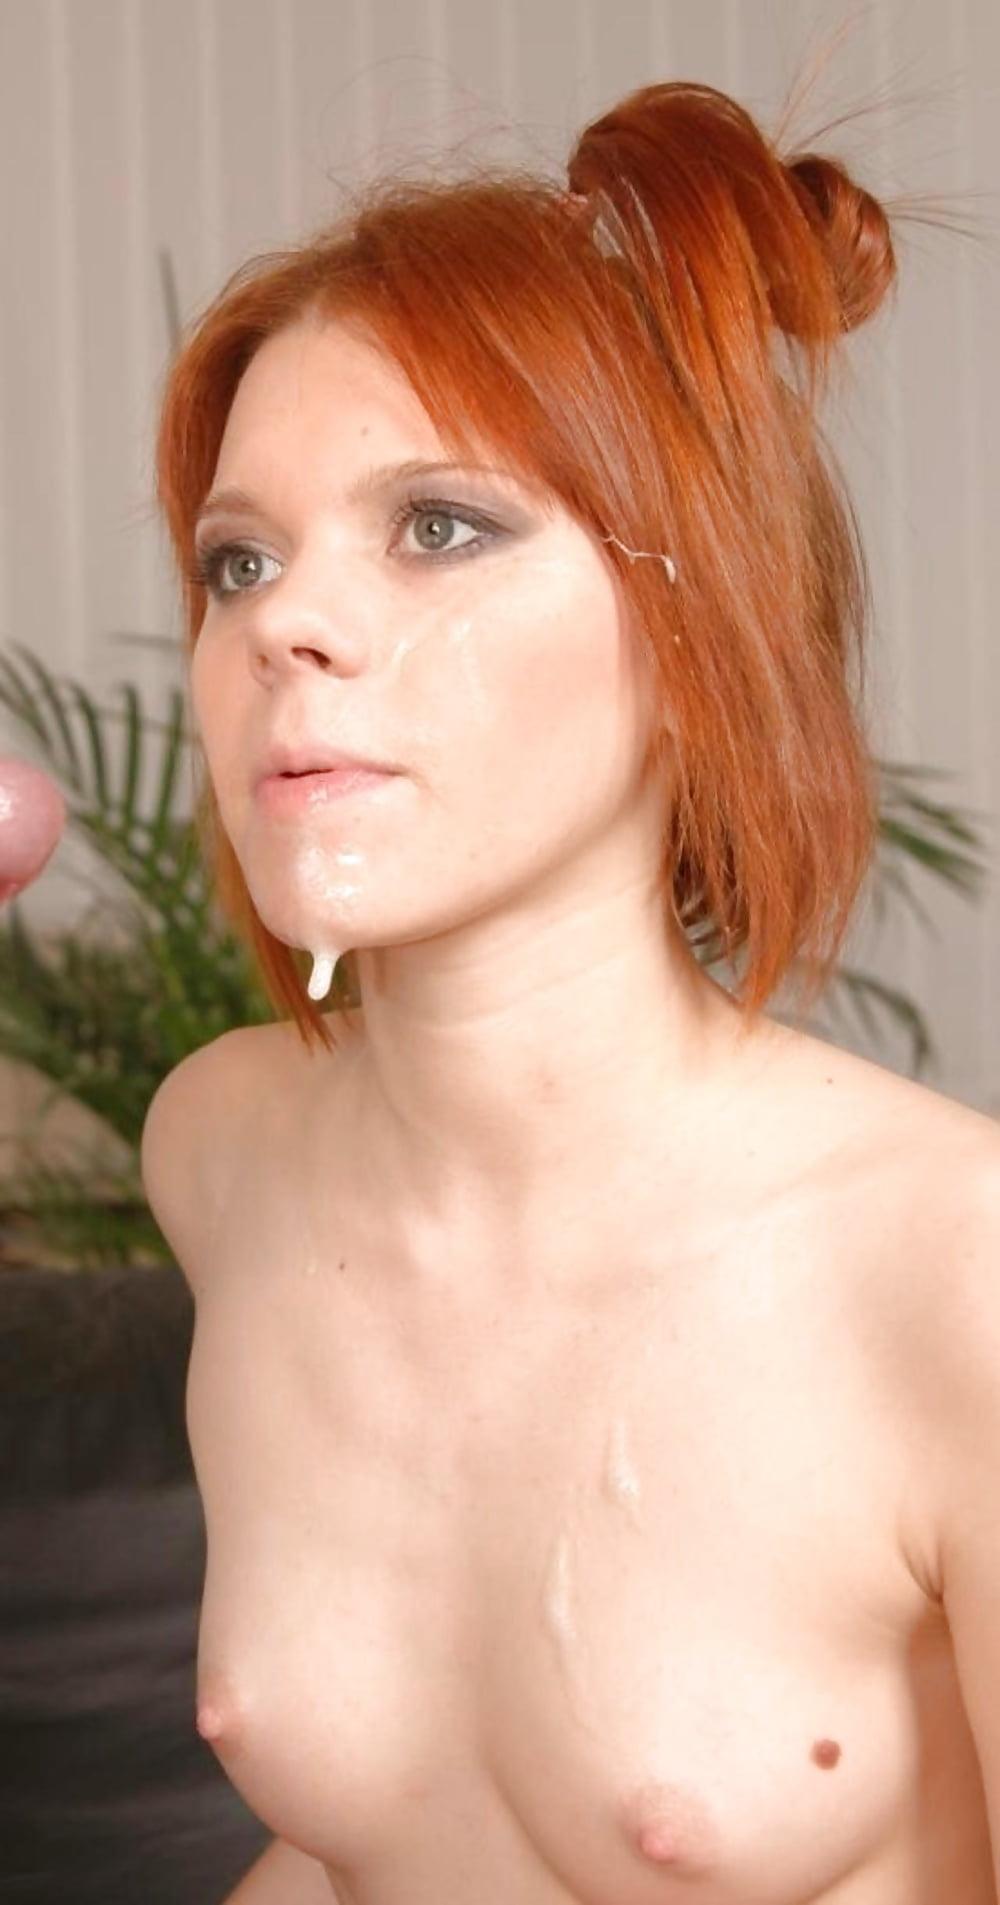 Redhead covered in cum